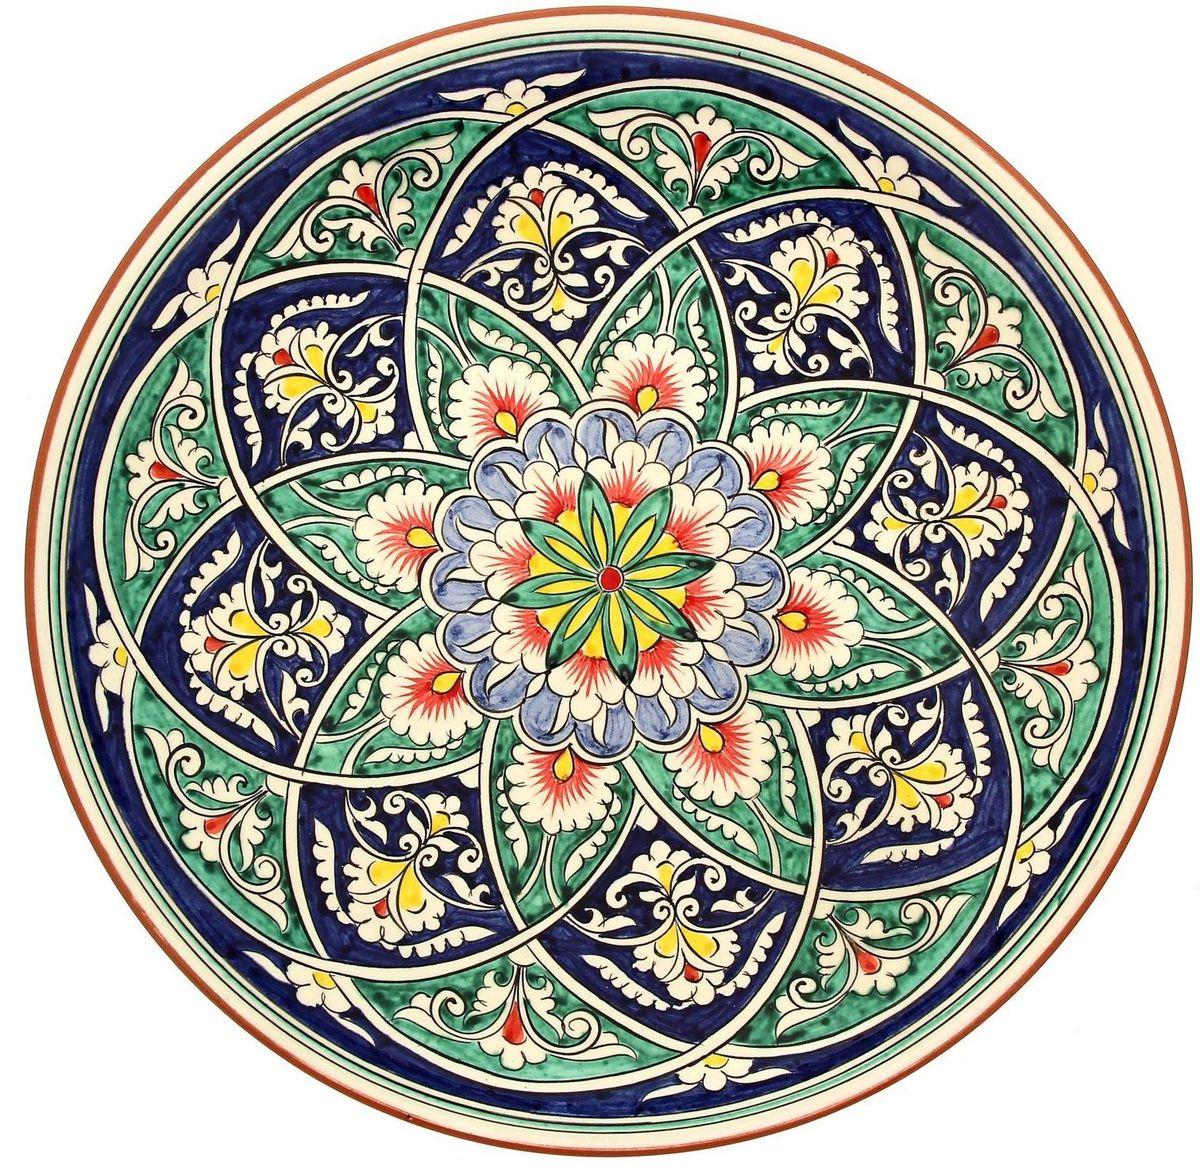 Ляган - это не просто обеденный атрибут, это украшение стола. Посуда с национальной росписью станет отменным подарком для ценителей высокородной посуды.  Риштан - город на востоке Узбекистана, один из древнейших в Ферганской долине. С давних времён Риштан славится своим гончарным искусством изготовления цветной керамики. Красноватую глину для изделия добывают в самом городе. Мастера утверждают, что их глина настолько высокого качества, что даже не нуждается в предварительной обработке. Дополните коллекцию кухонных аксессуаров пряными восточными нотами.